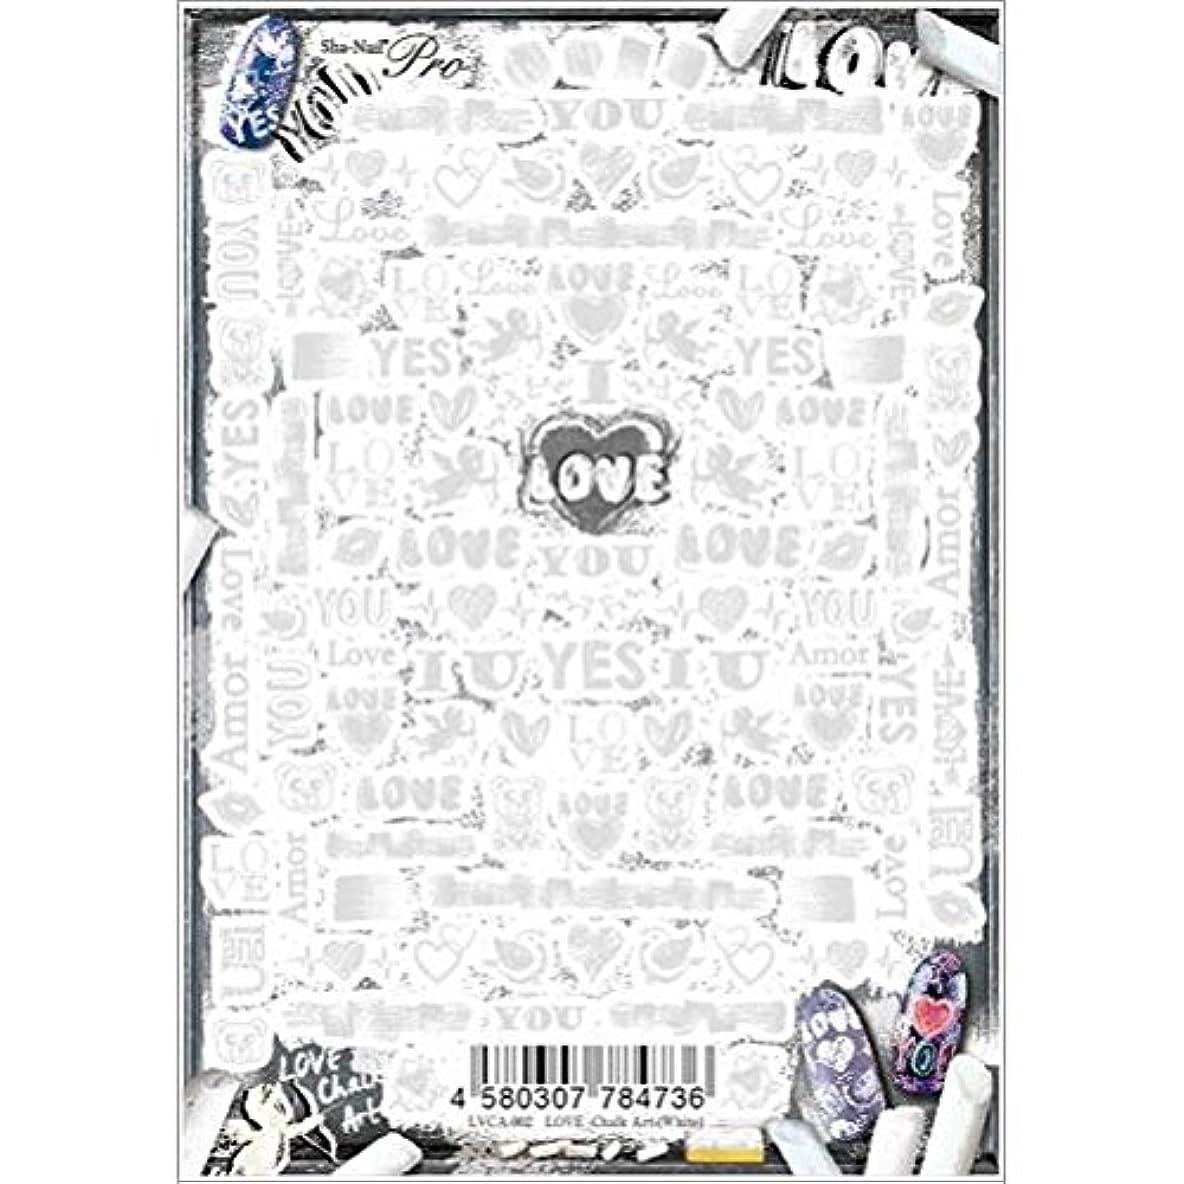 ランデブースリチンモイ主導権Sha-Nail Pro ネイルシール ラブ-チョークアート-(ホワイト) LVCA-002